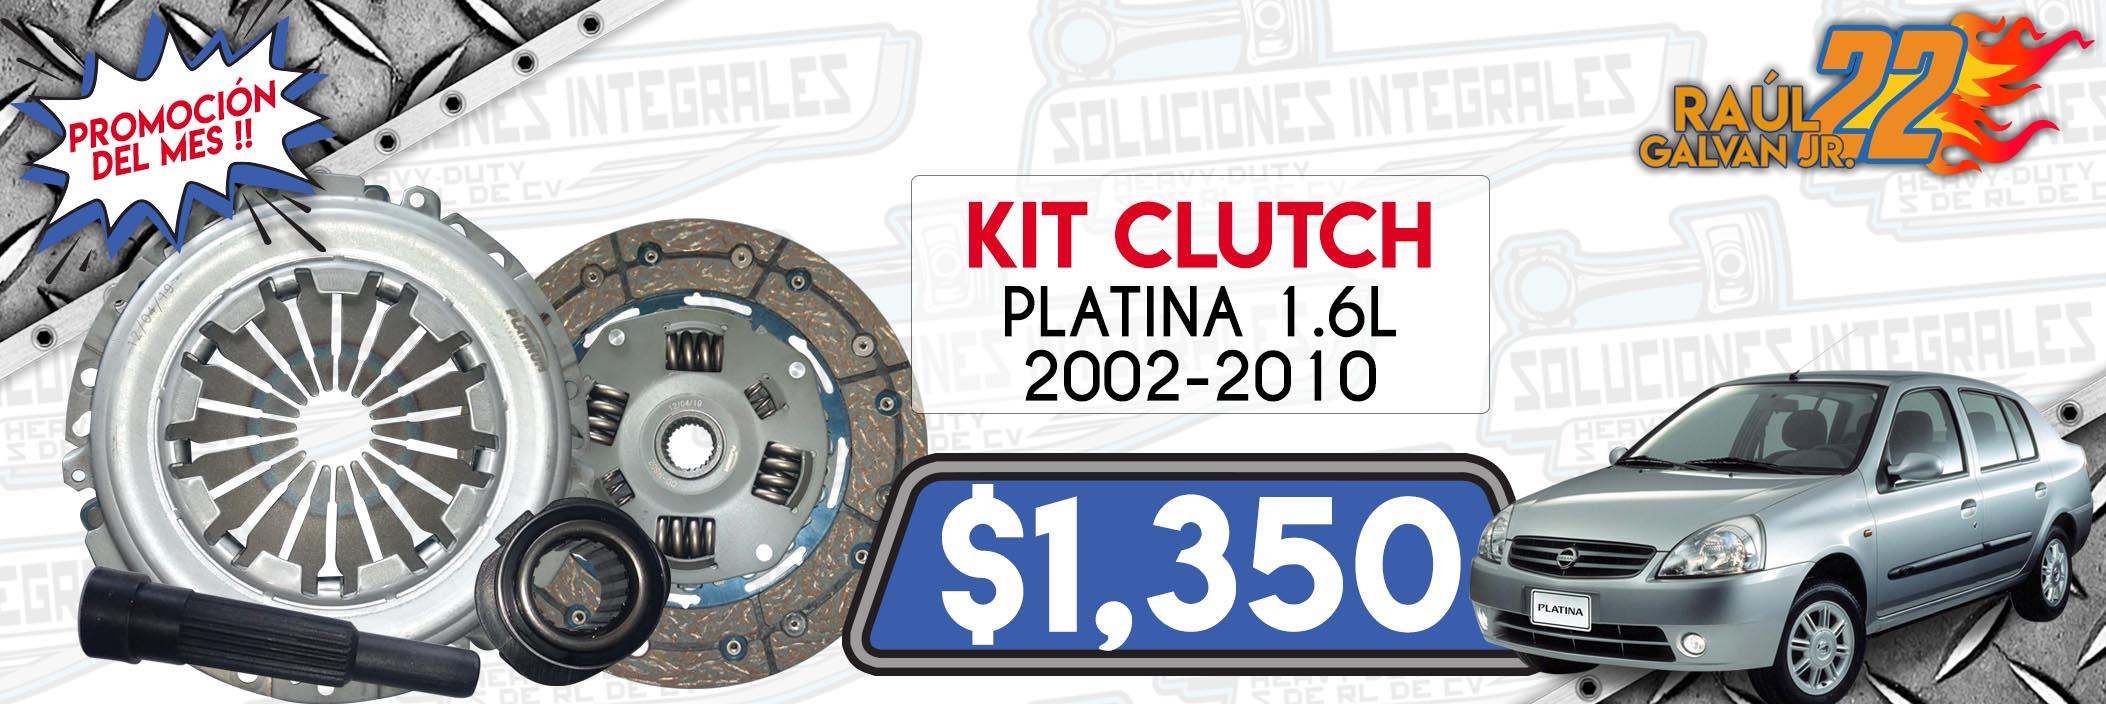 kit clutch platina 1.6l 2002-2010